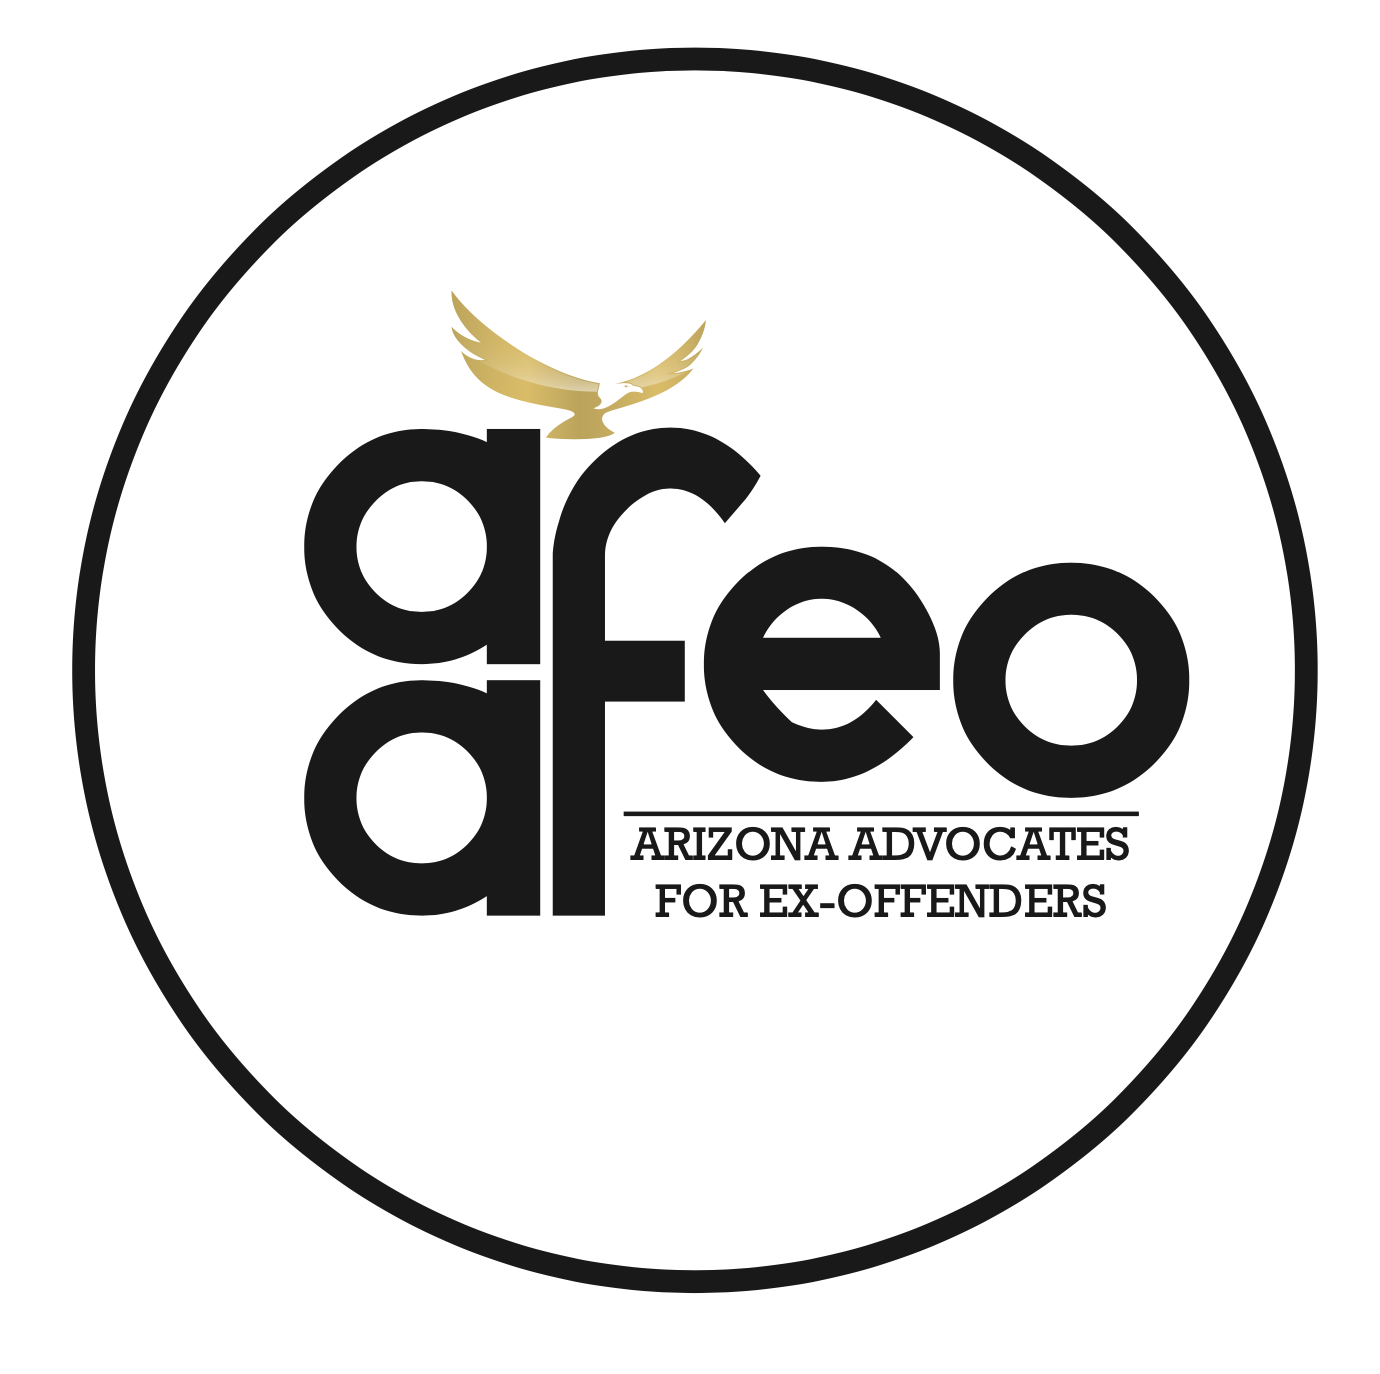 Arizona Advocates for Ex-Offenders